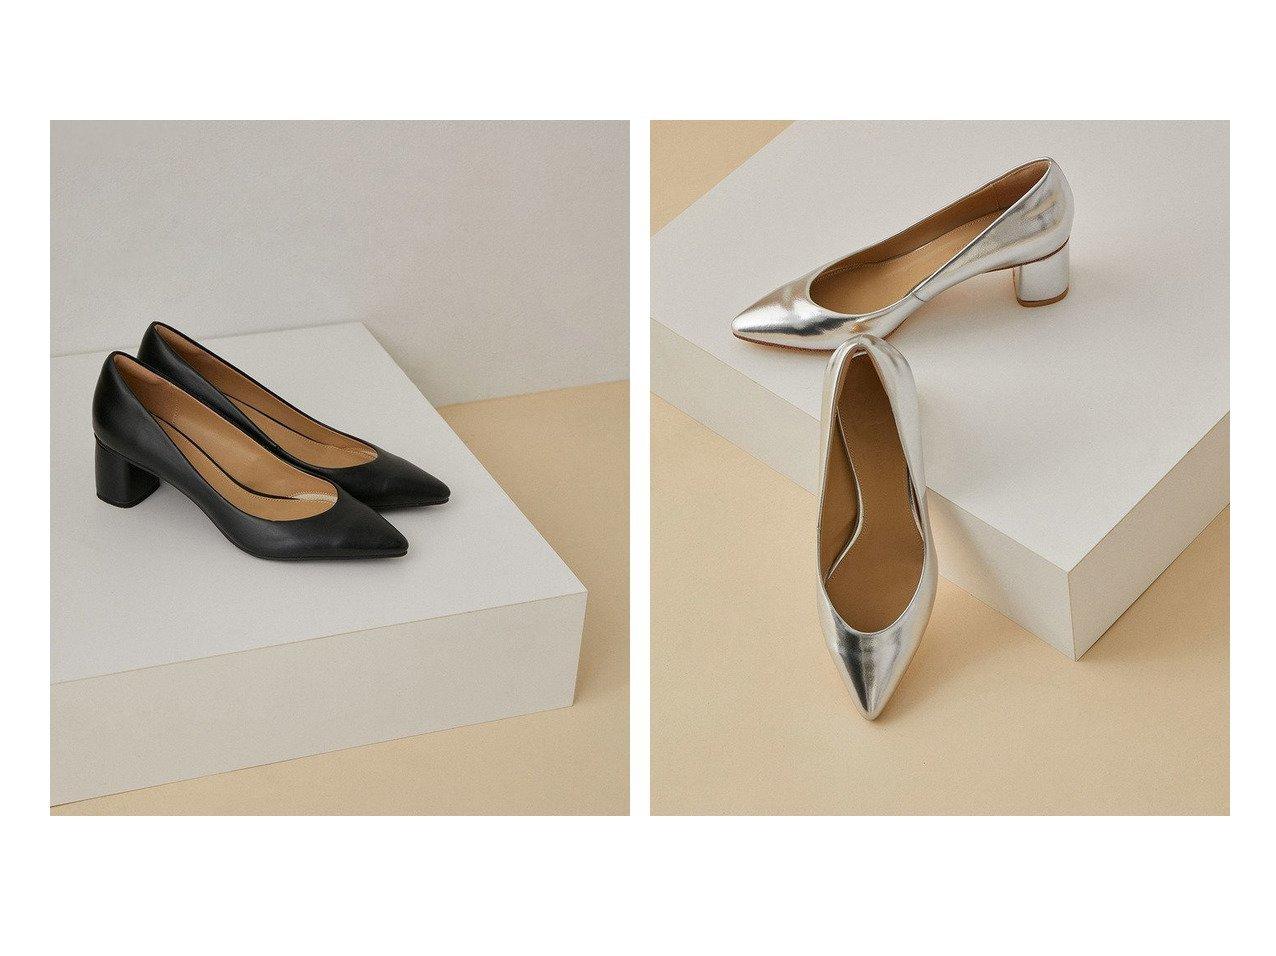 【ADAM ET ROPE'/アダム エ ロペ】のブロックヒールボロネーゼパンプス 【シューズ・靴】おすすめ!人気、トレンド・レディースファッションの通販 おすすめで人気の流行・トレンド、ファッションの通販商品 メンズファッション・キッズファッション・インテリア・家具・レディースファッション・服の通販 founy(ファニー) https://founy.com/ ファッション Fashion レディースファッション WOMEN 春 Spring シューズ シルバー ストッキング タイツ トレンド 定番 Standard バランス フィット ブロック 2021年 2021 再入荷 Restock/Back in Stock/Re Arrival S/S・春夏 SS・Spring/Summer 2021春夏・S/S SS/Spring/Summer/2021 |ID:crp329100000031437